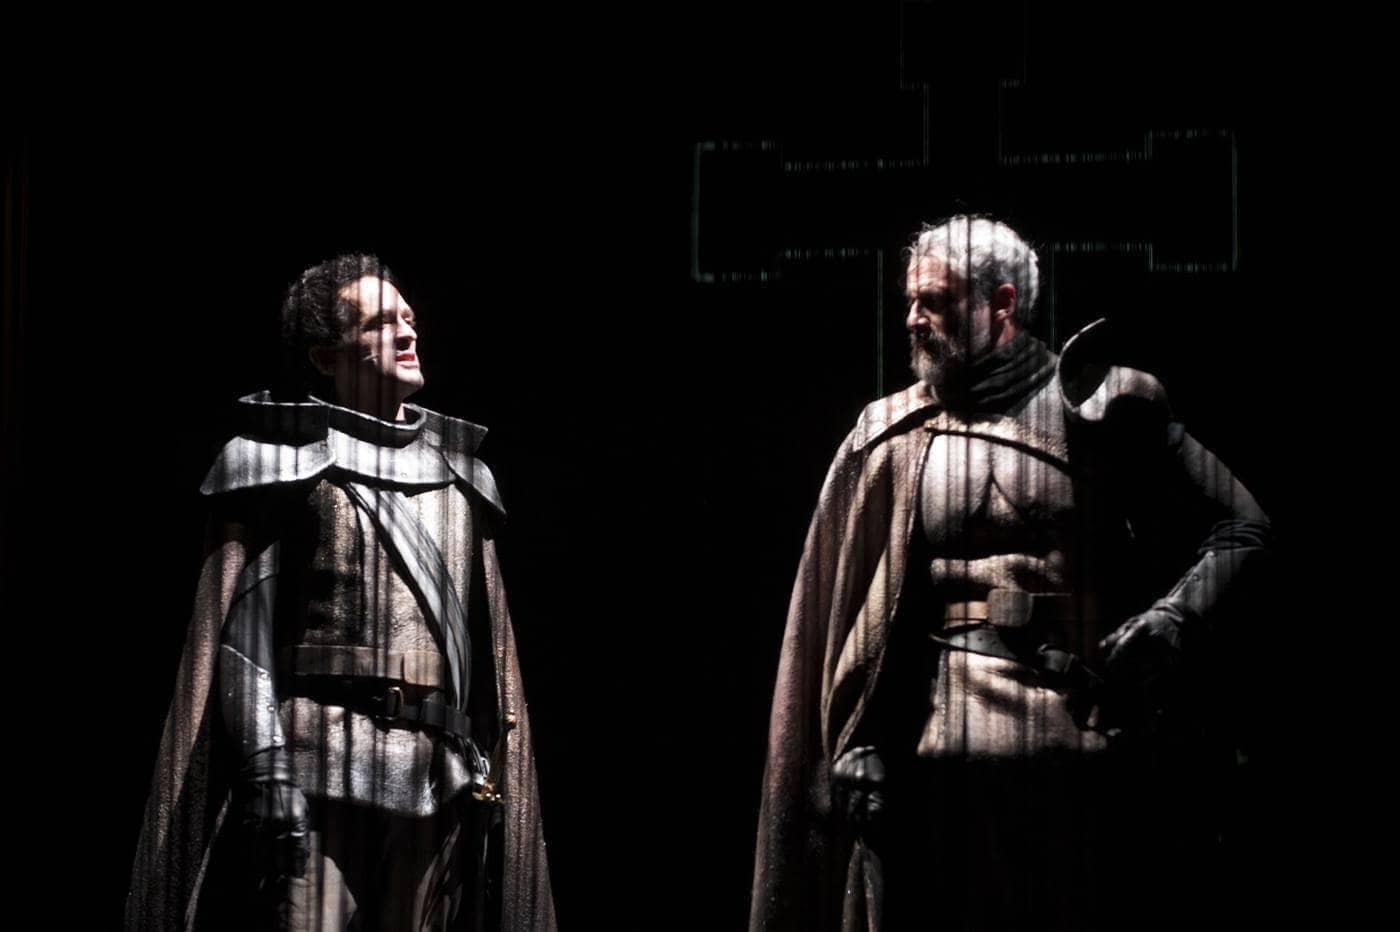 da sinistra Giacinto Palmarini e Claudio Di Palma in Macbeth foto fabio donato